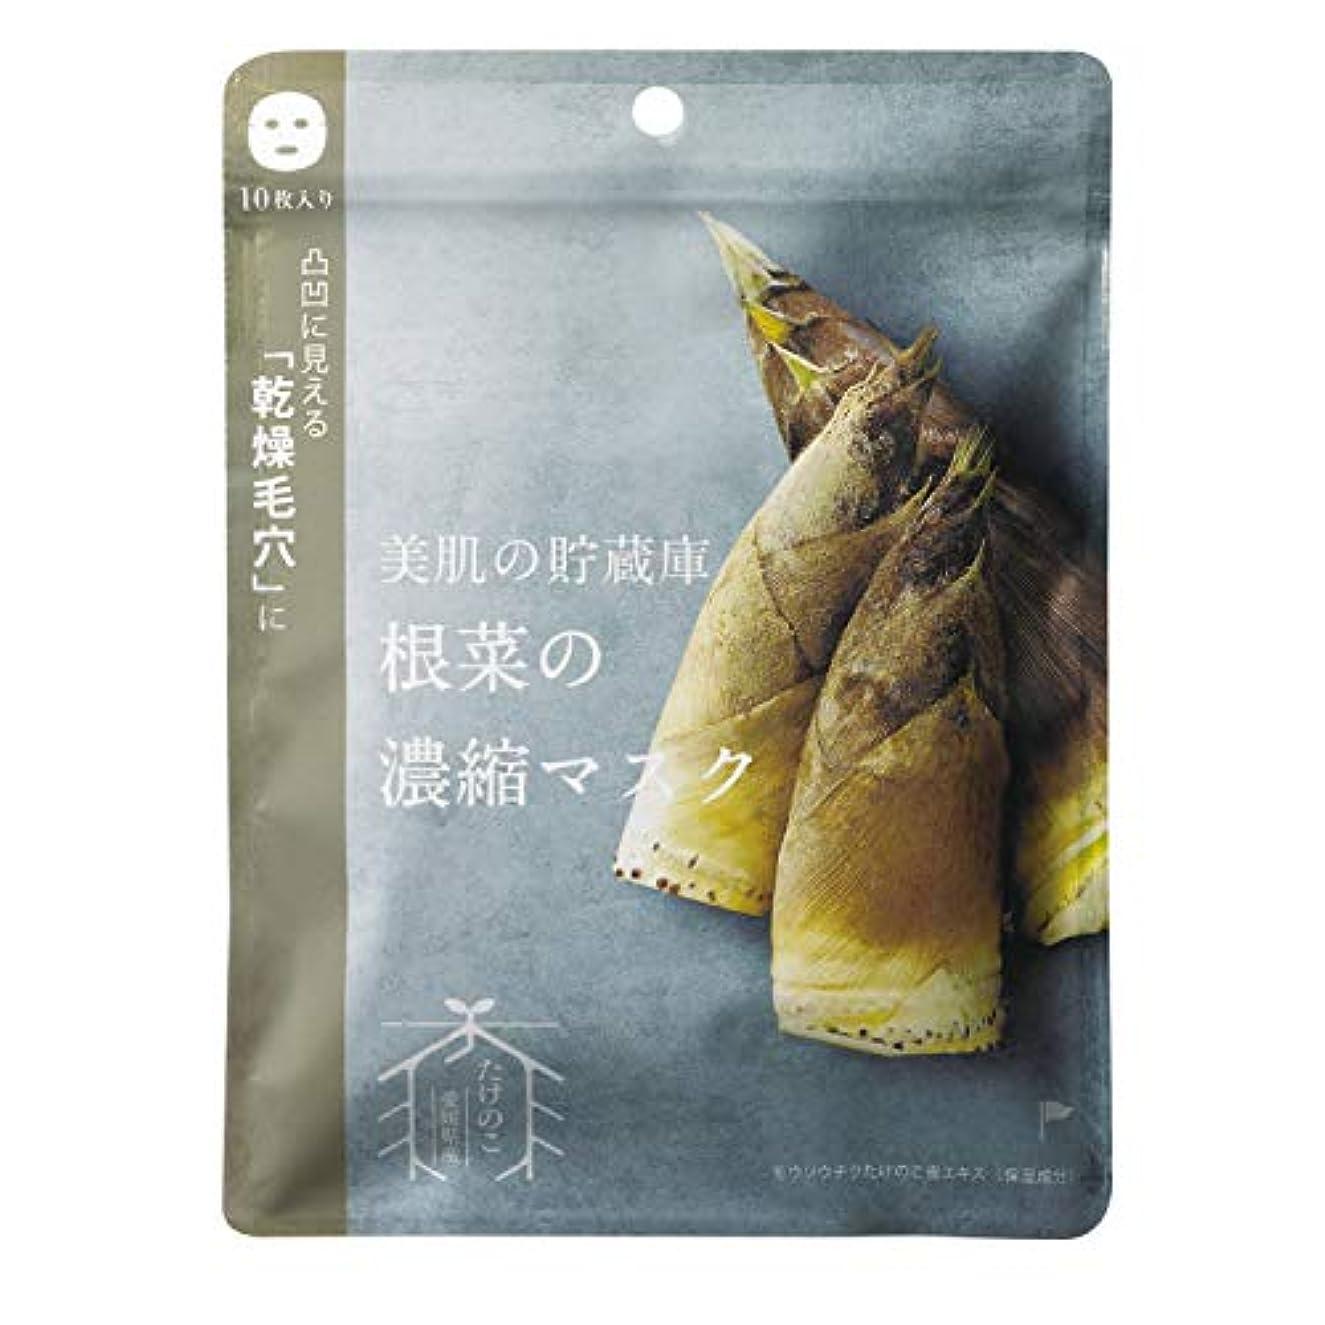 ペンダント踏み台雪だるまを作る@cosme nippon 美肌の貯蔵庫 根菜の濃縮マスク 孟宗竹たけのこ 10枚 160ml